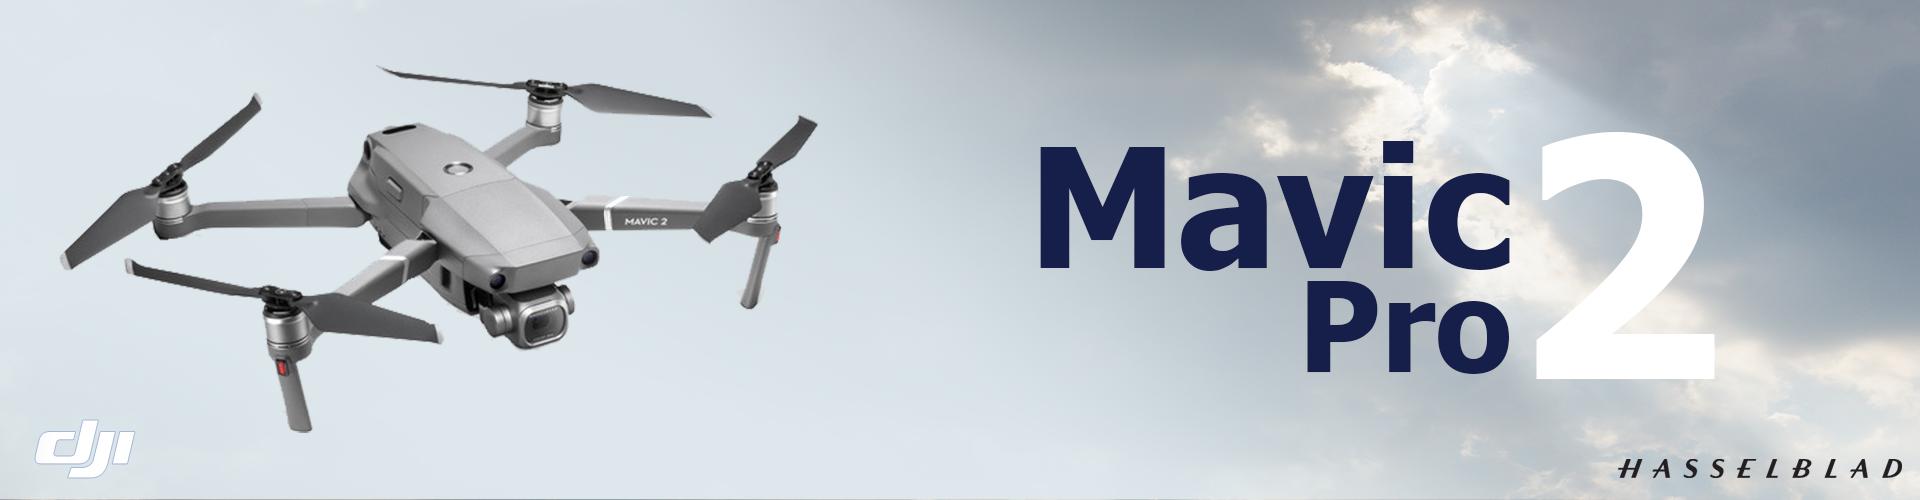 mavic-2-pro